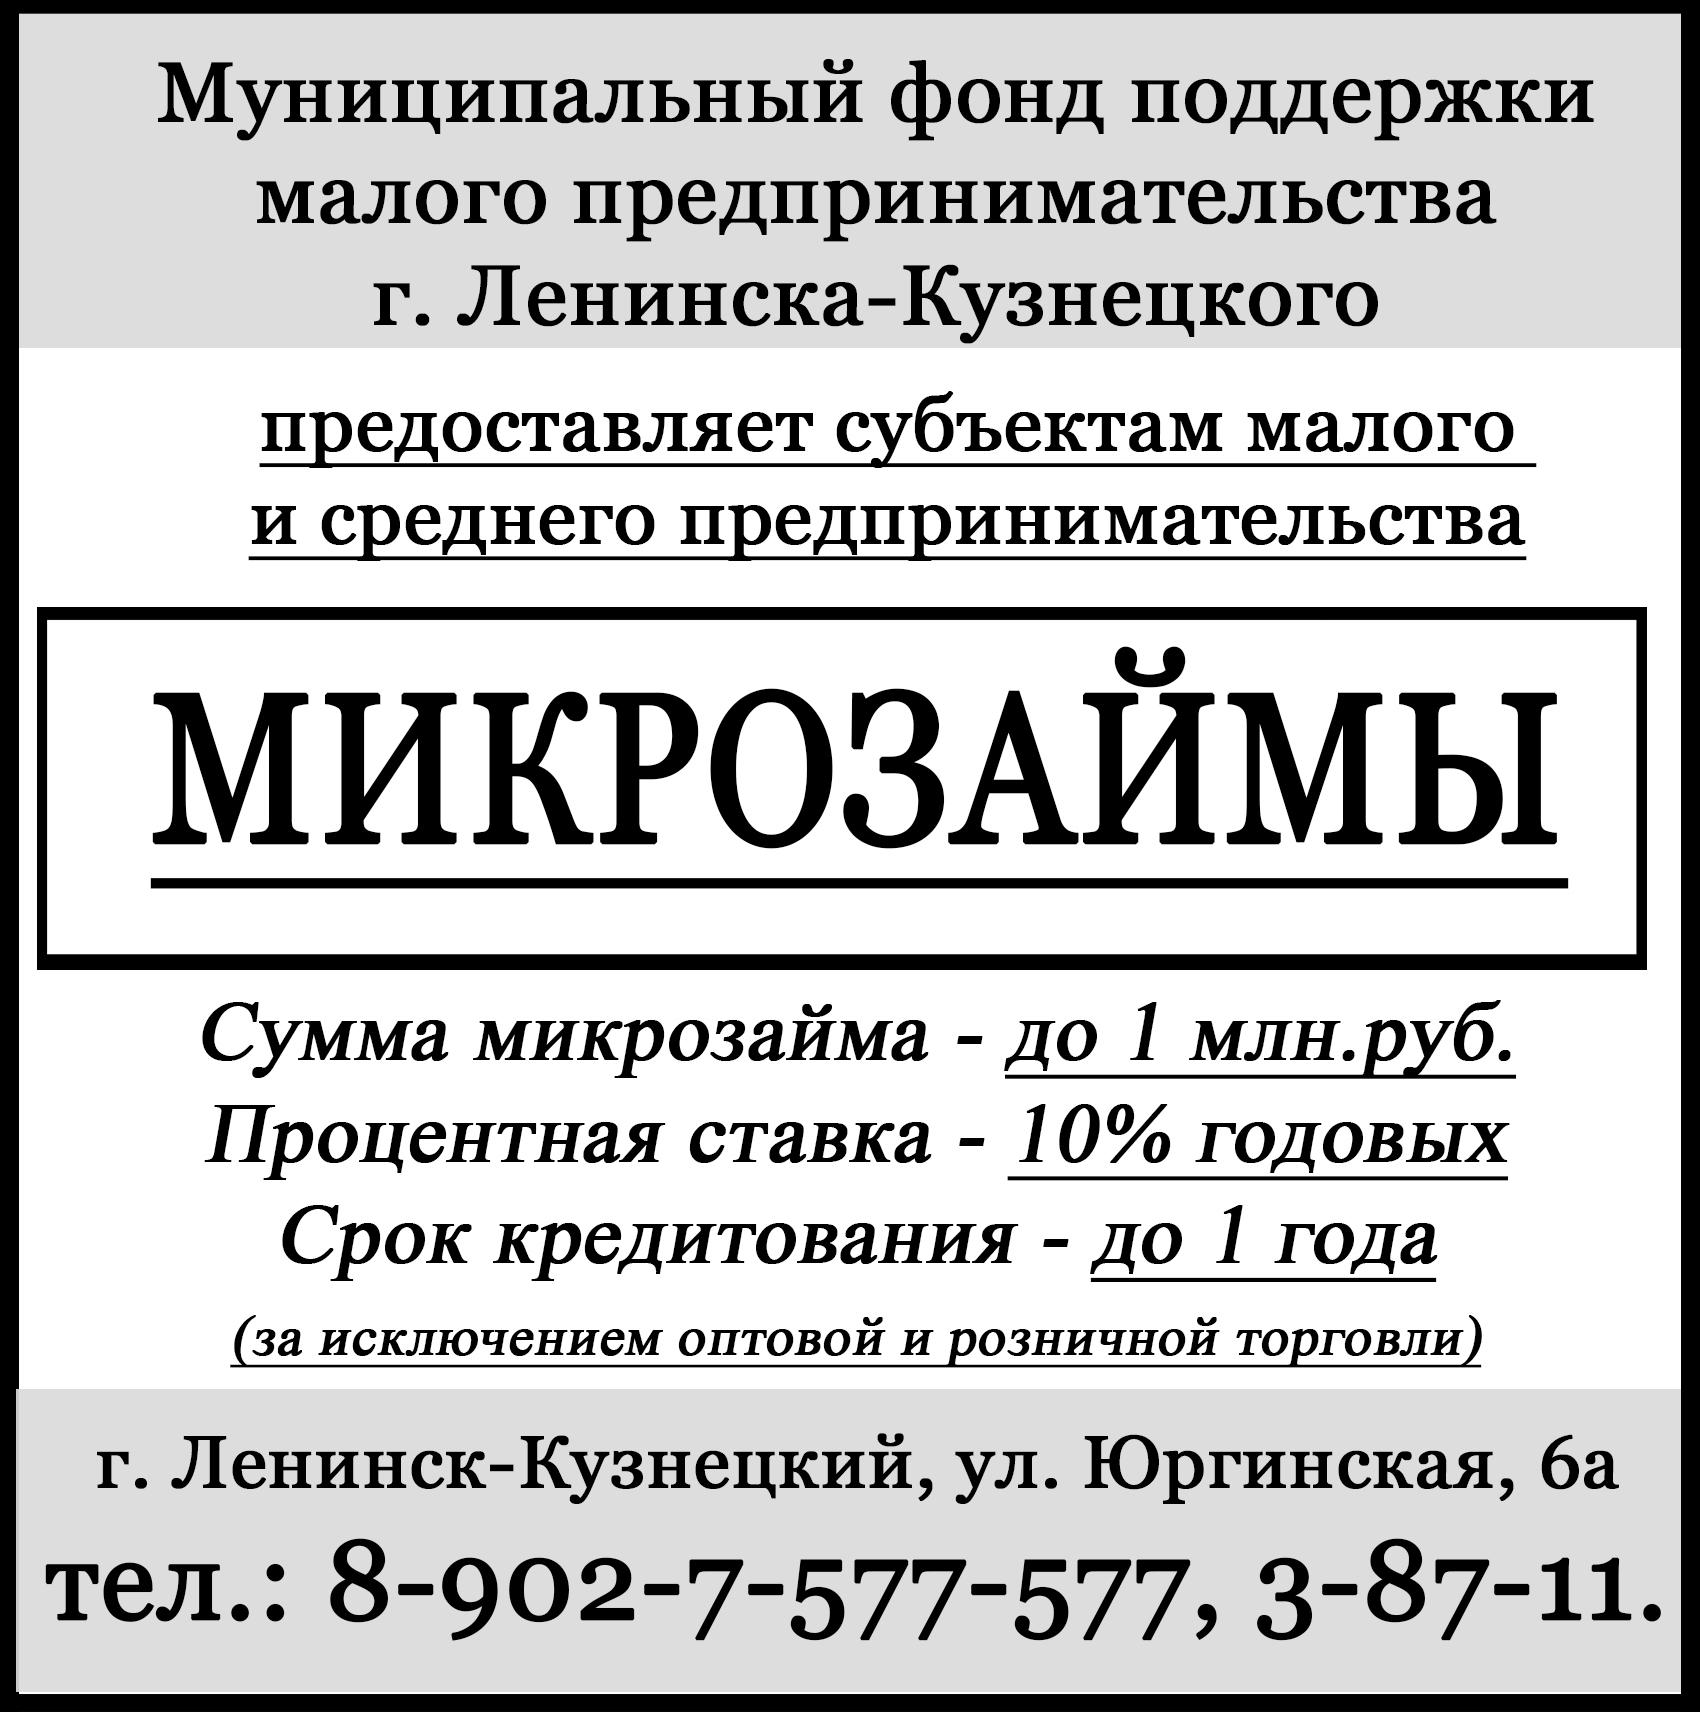 Онлайн заявка на кредит во все банки Липецка